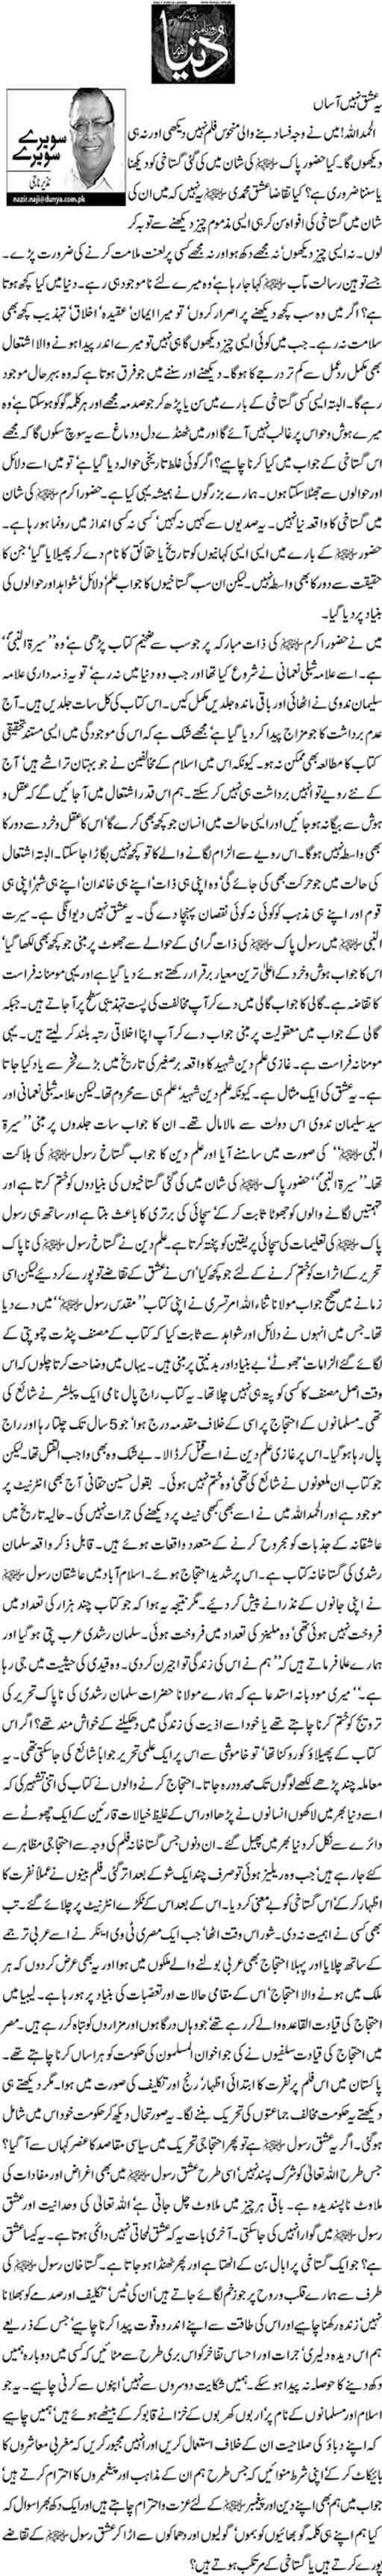 Yeh ishq nahi aasan - Nazeer Naji